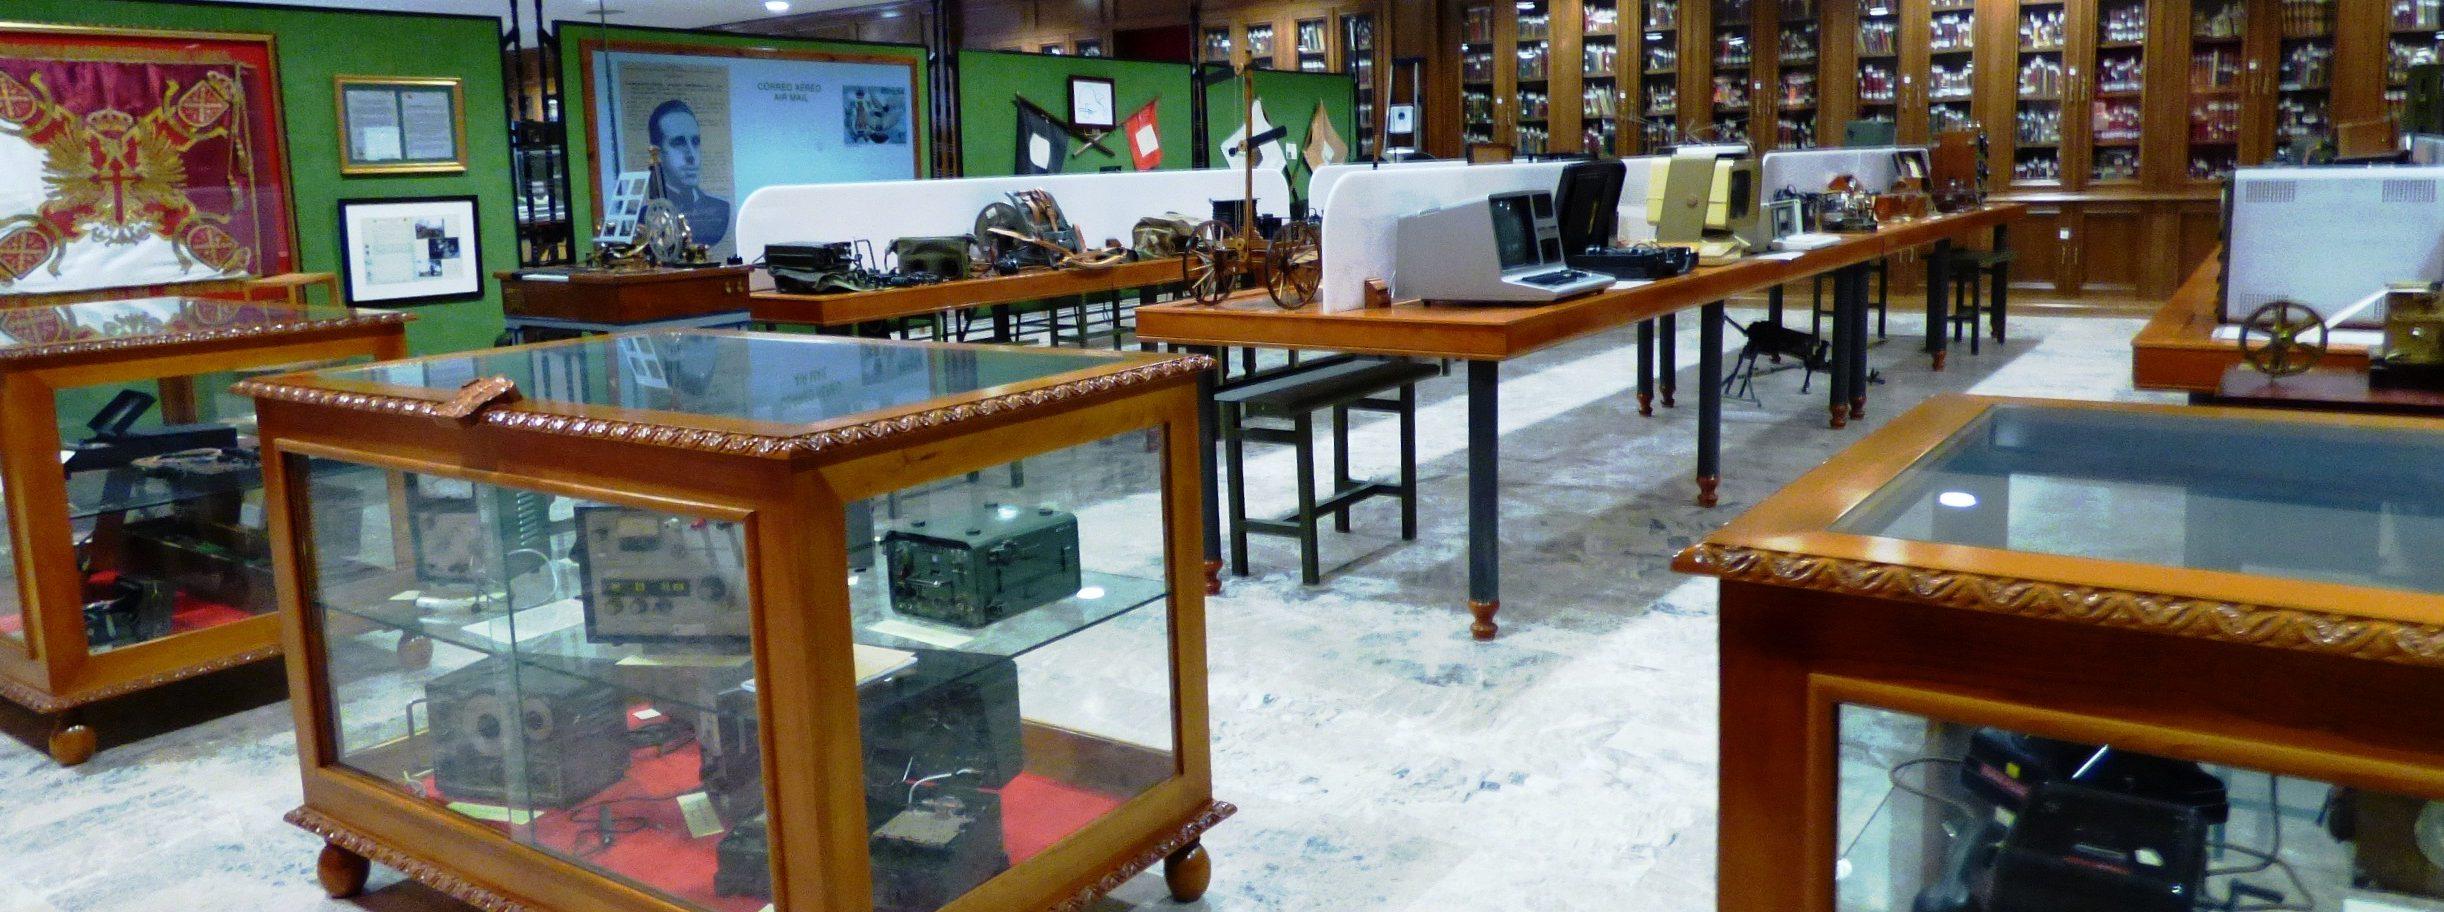 visita al museo de la academia de ingenieros del ejército